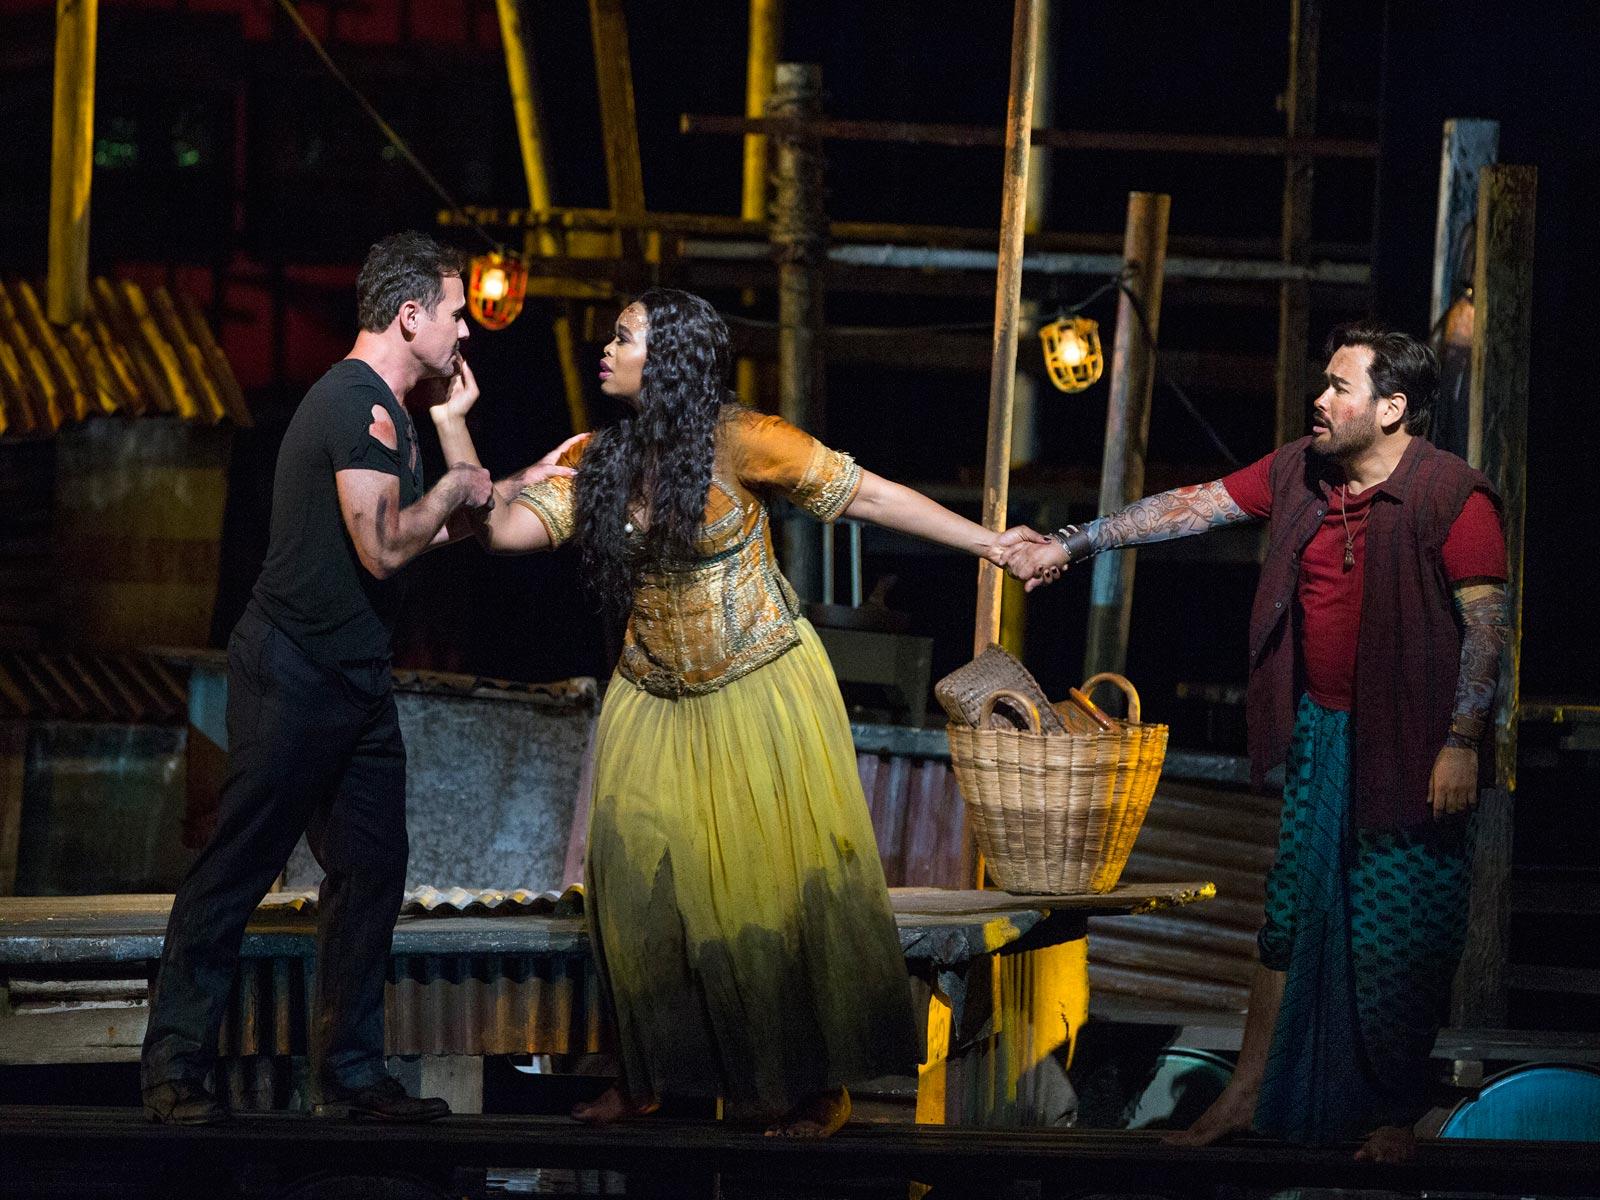 Metropolitan opera broadcasts online dating